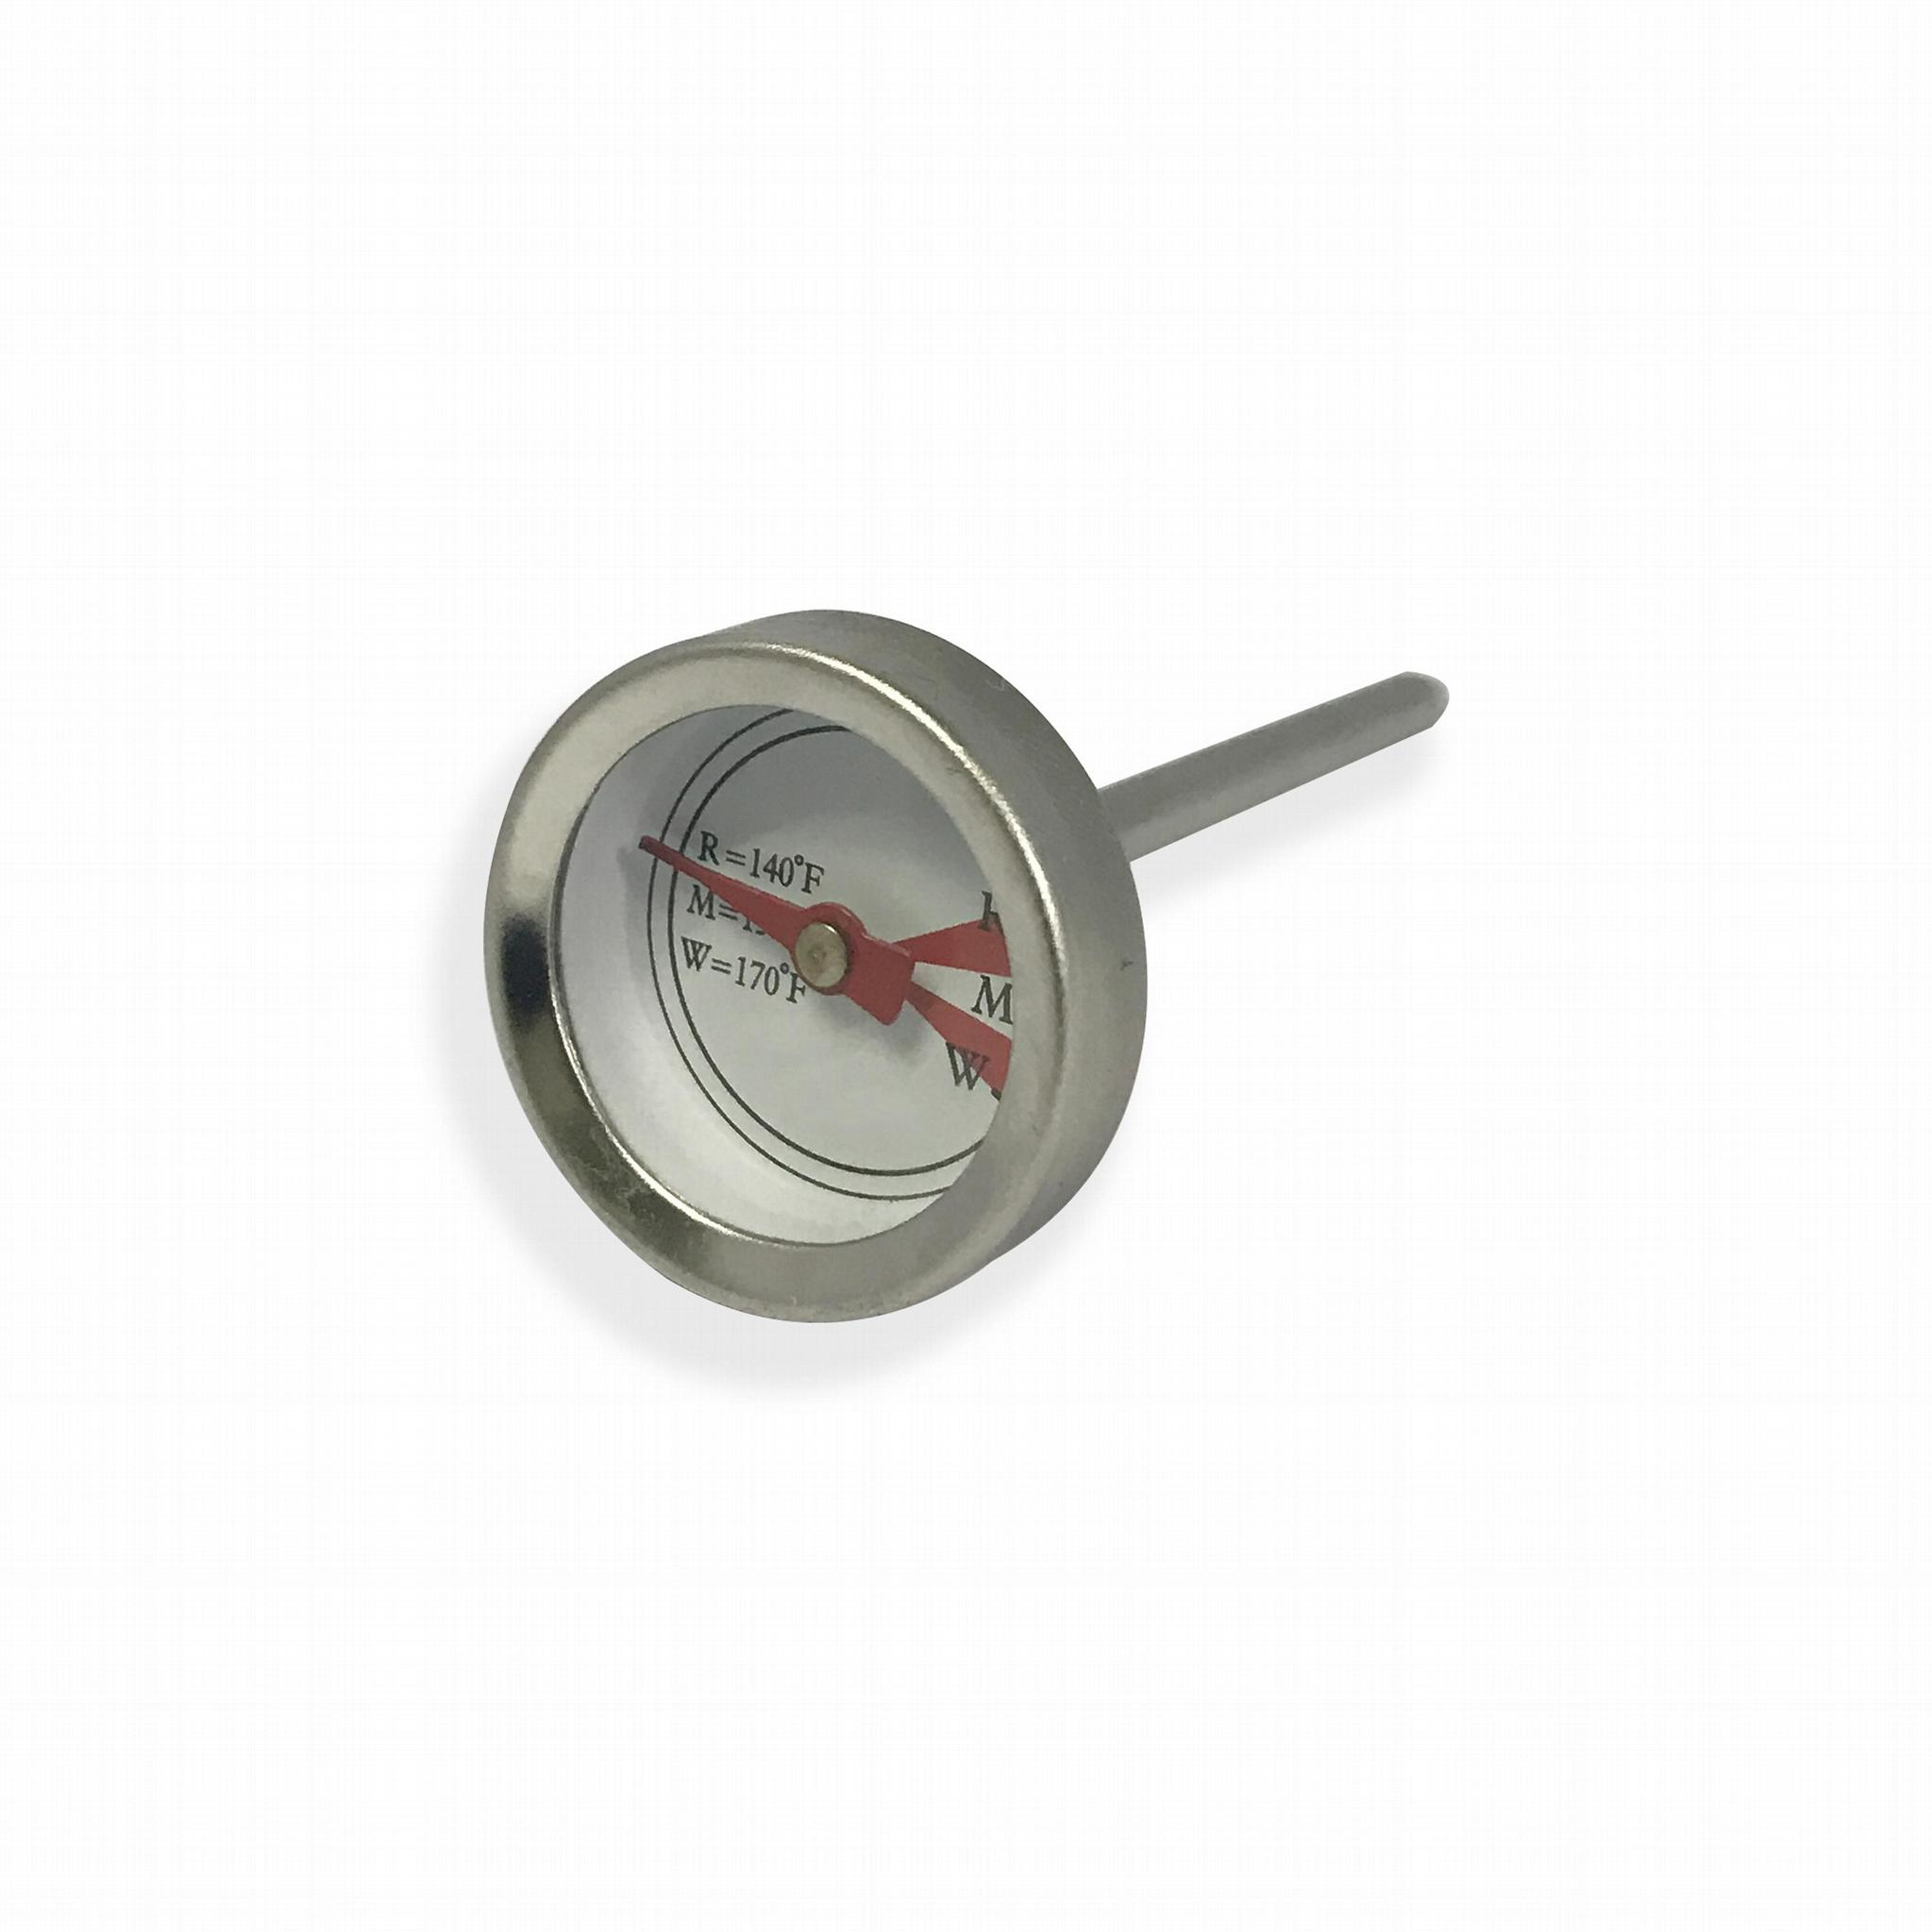 吉利 食品温度计探针烤肉温度计插入式食品温度计不锈钢材质 3